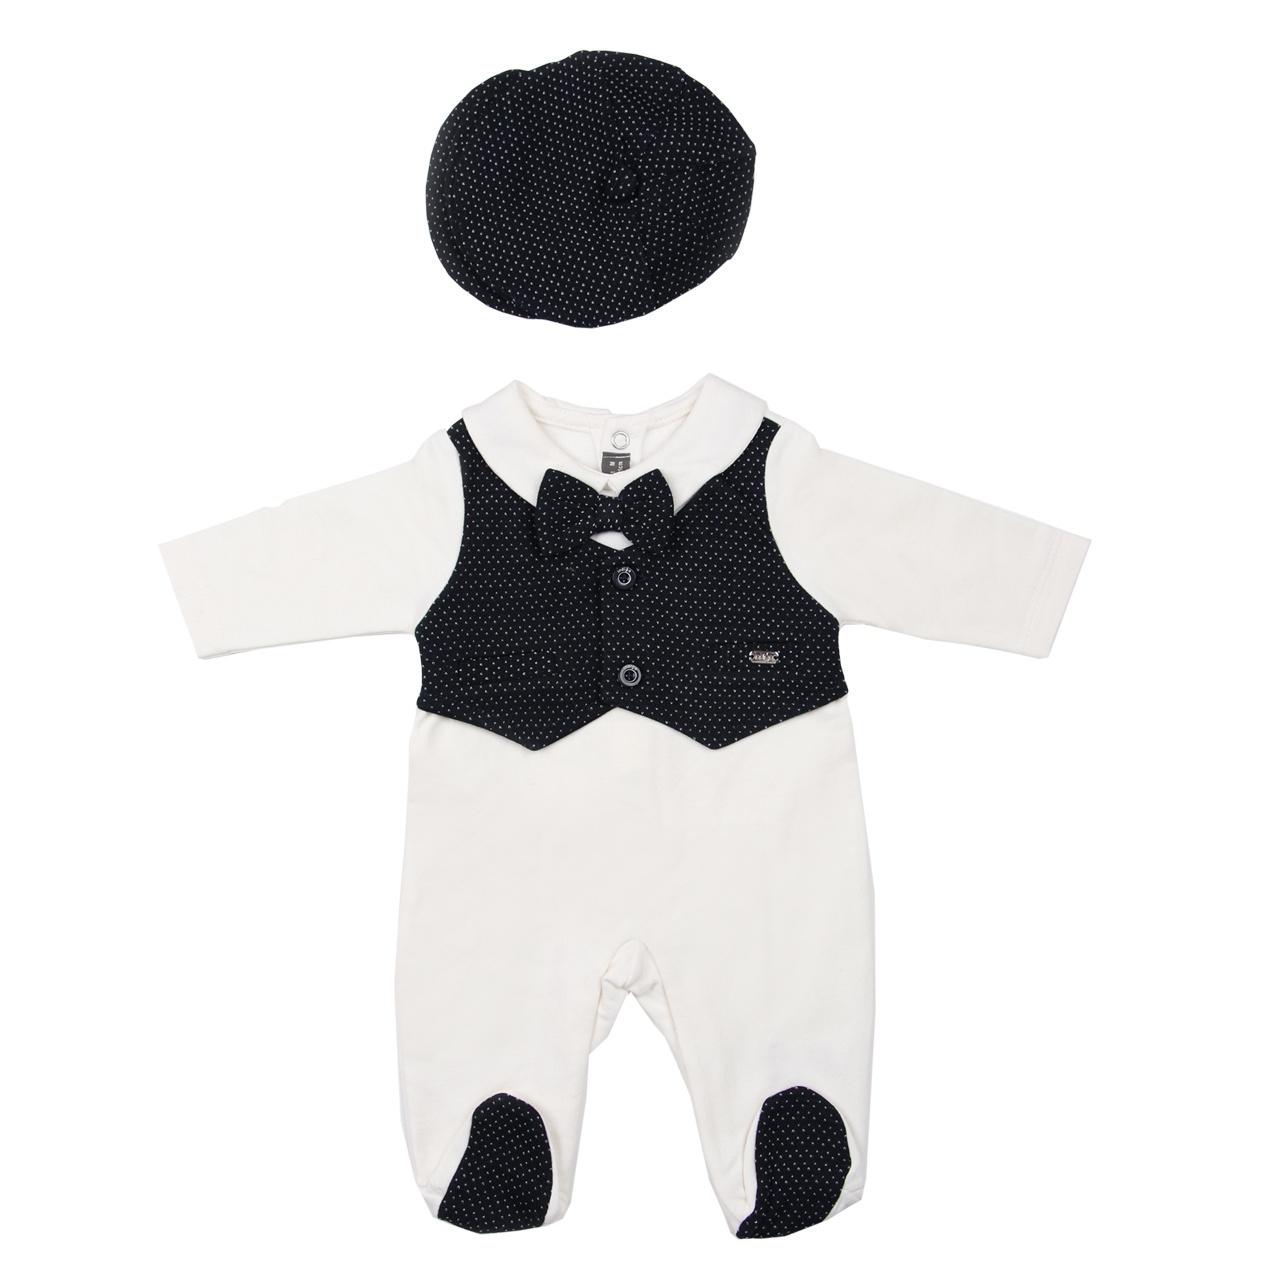 ست سرهمی و کلاه نوزاد ایندیگو کد 29743